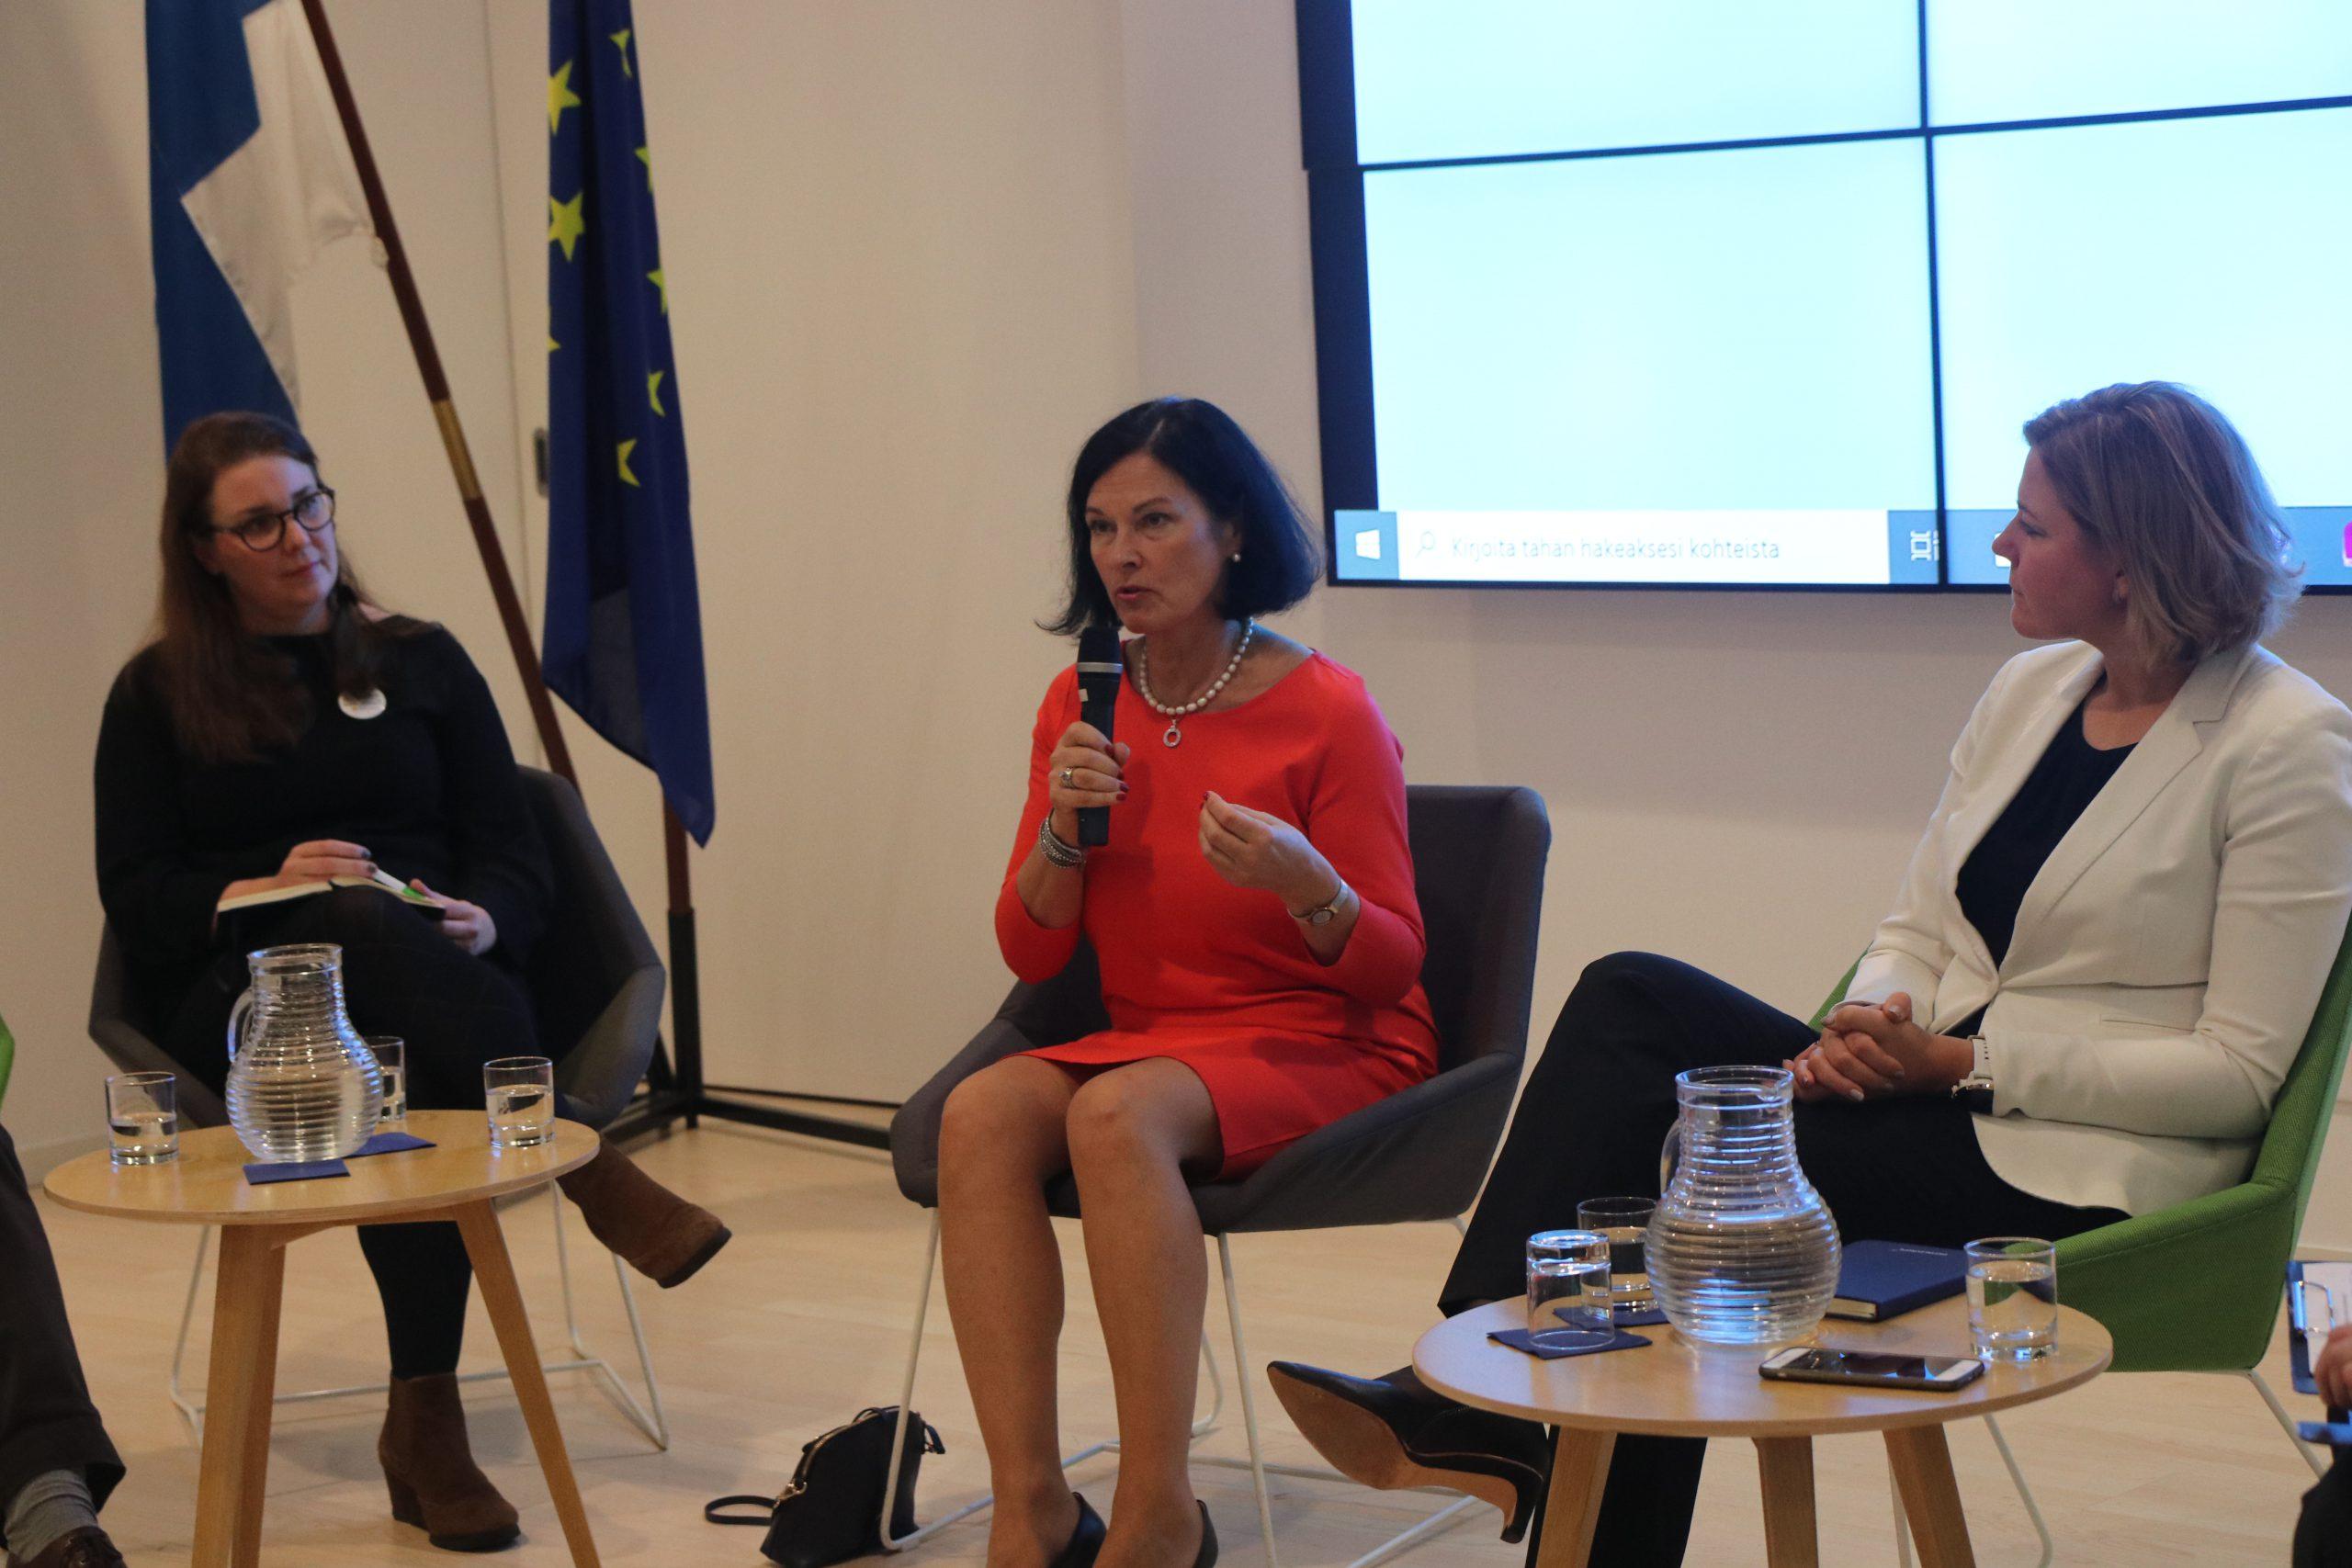 Opetushallituksen opetusneuvos Kristina Kaihari (keskellä) Ahtisaari-päivien paneelikeskustelussa.